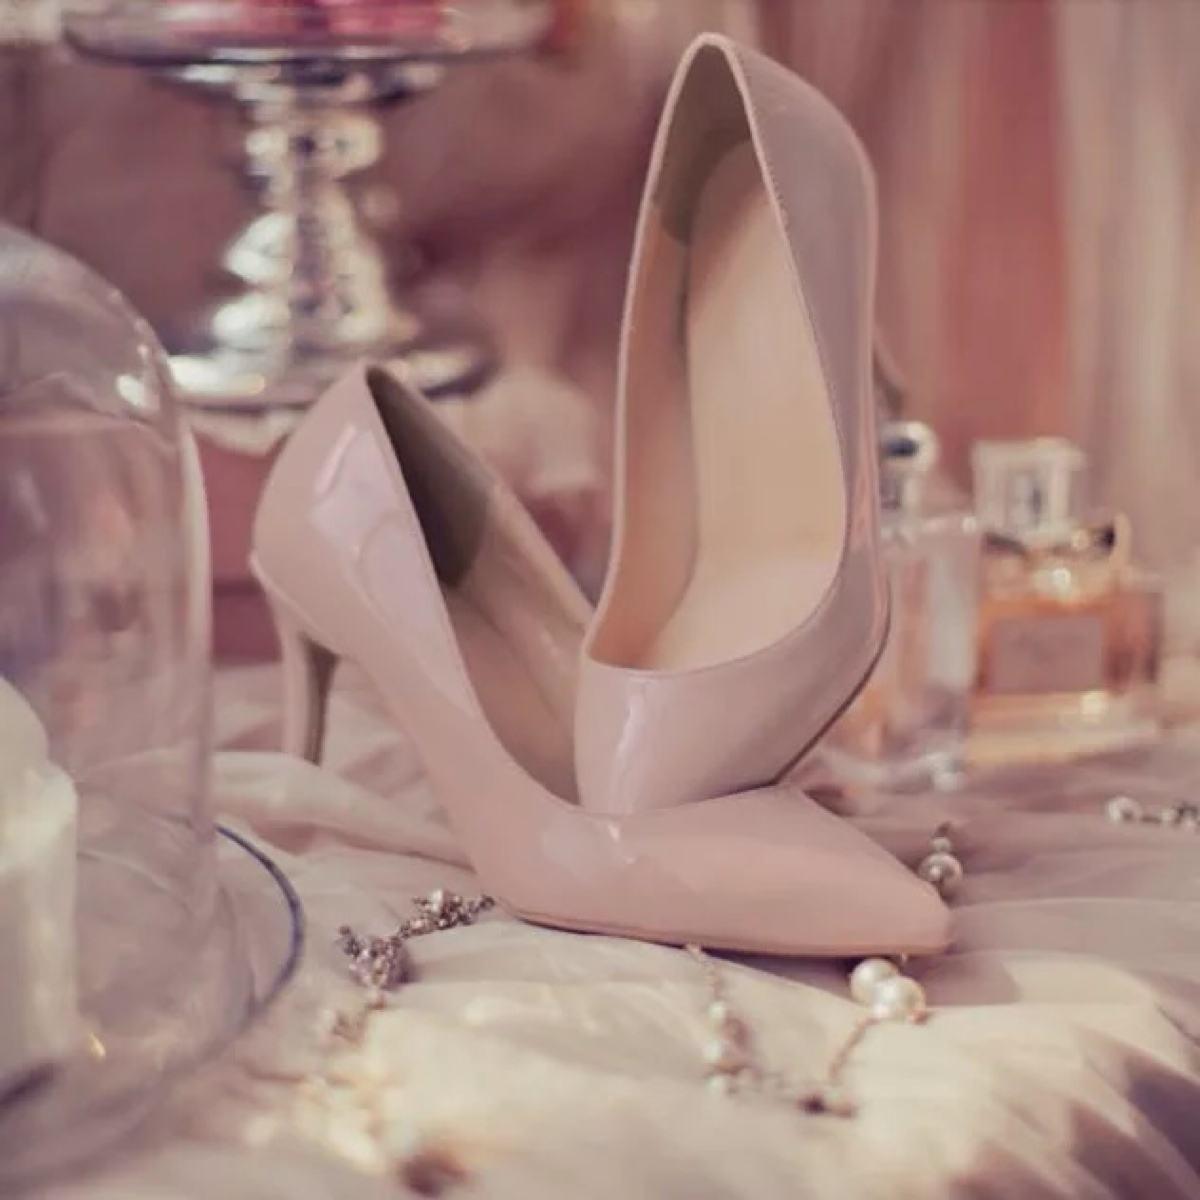 邱立东:千万不要随便穿高跟鞋。。。